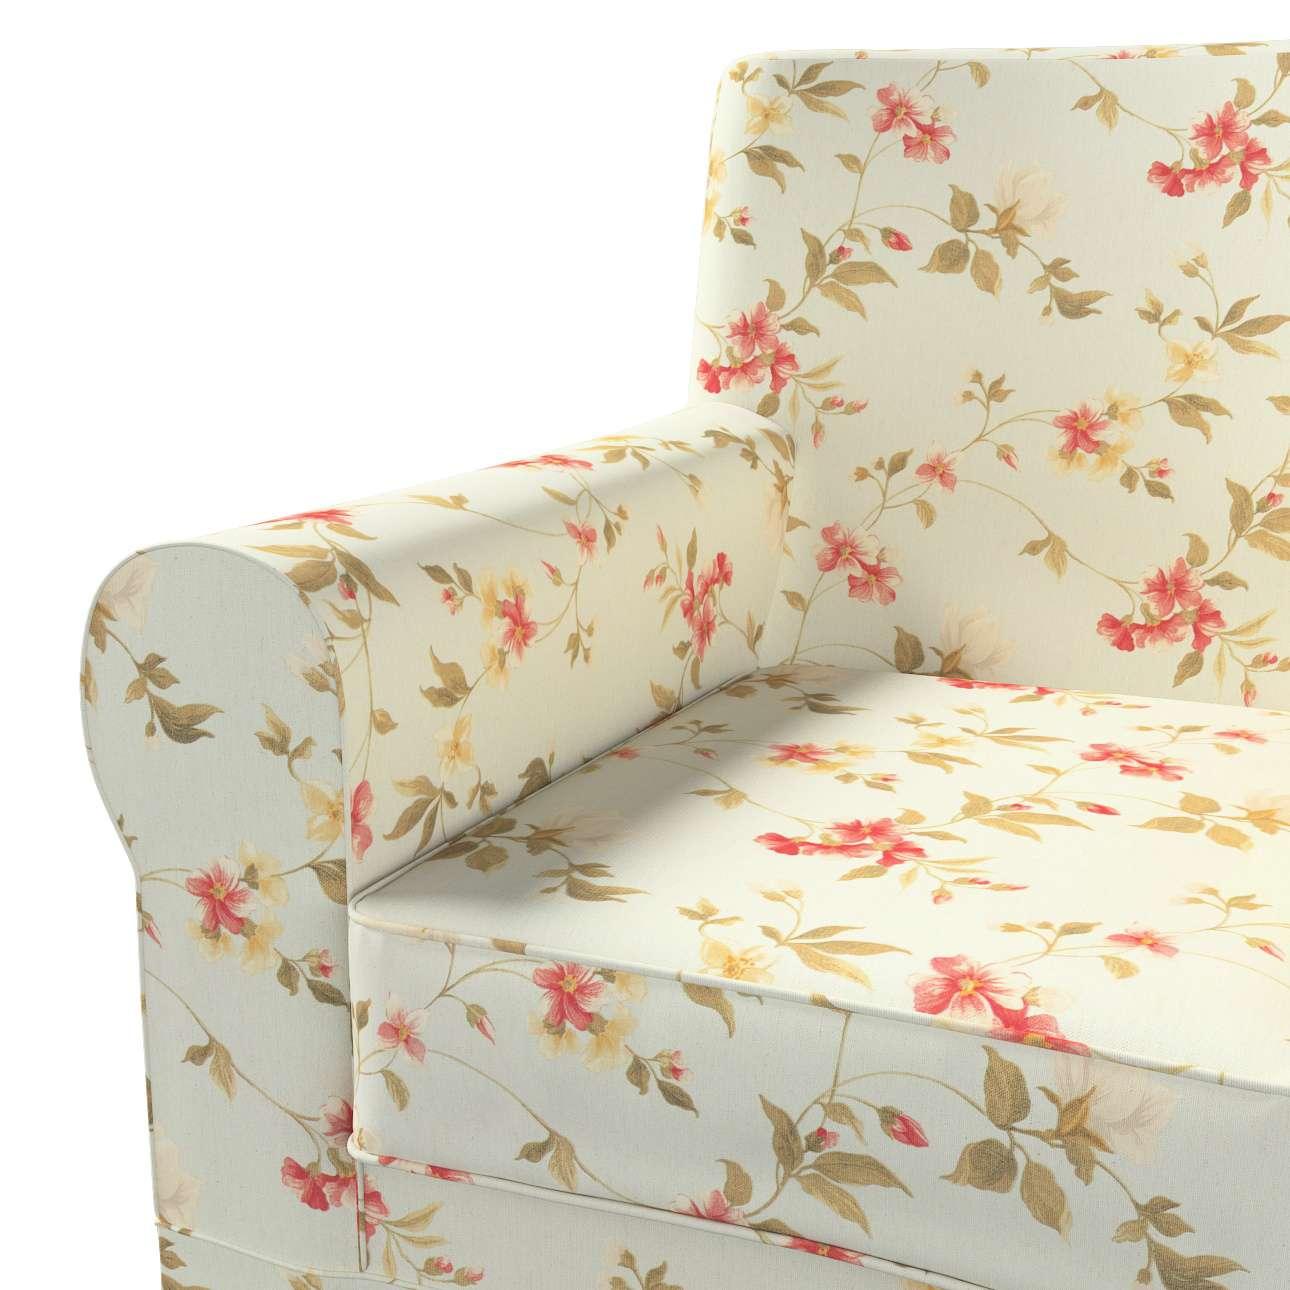 Pokrowiec na fotel Ektorp Jennylund w kolekcji Londres, tkanina: 124-65